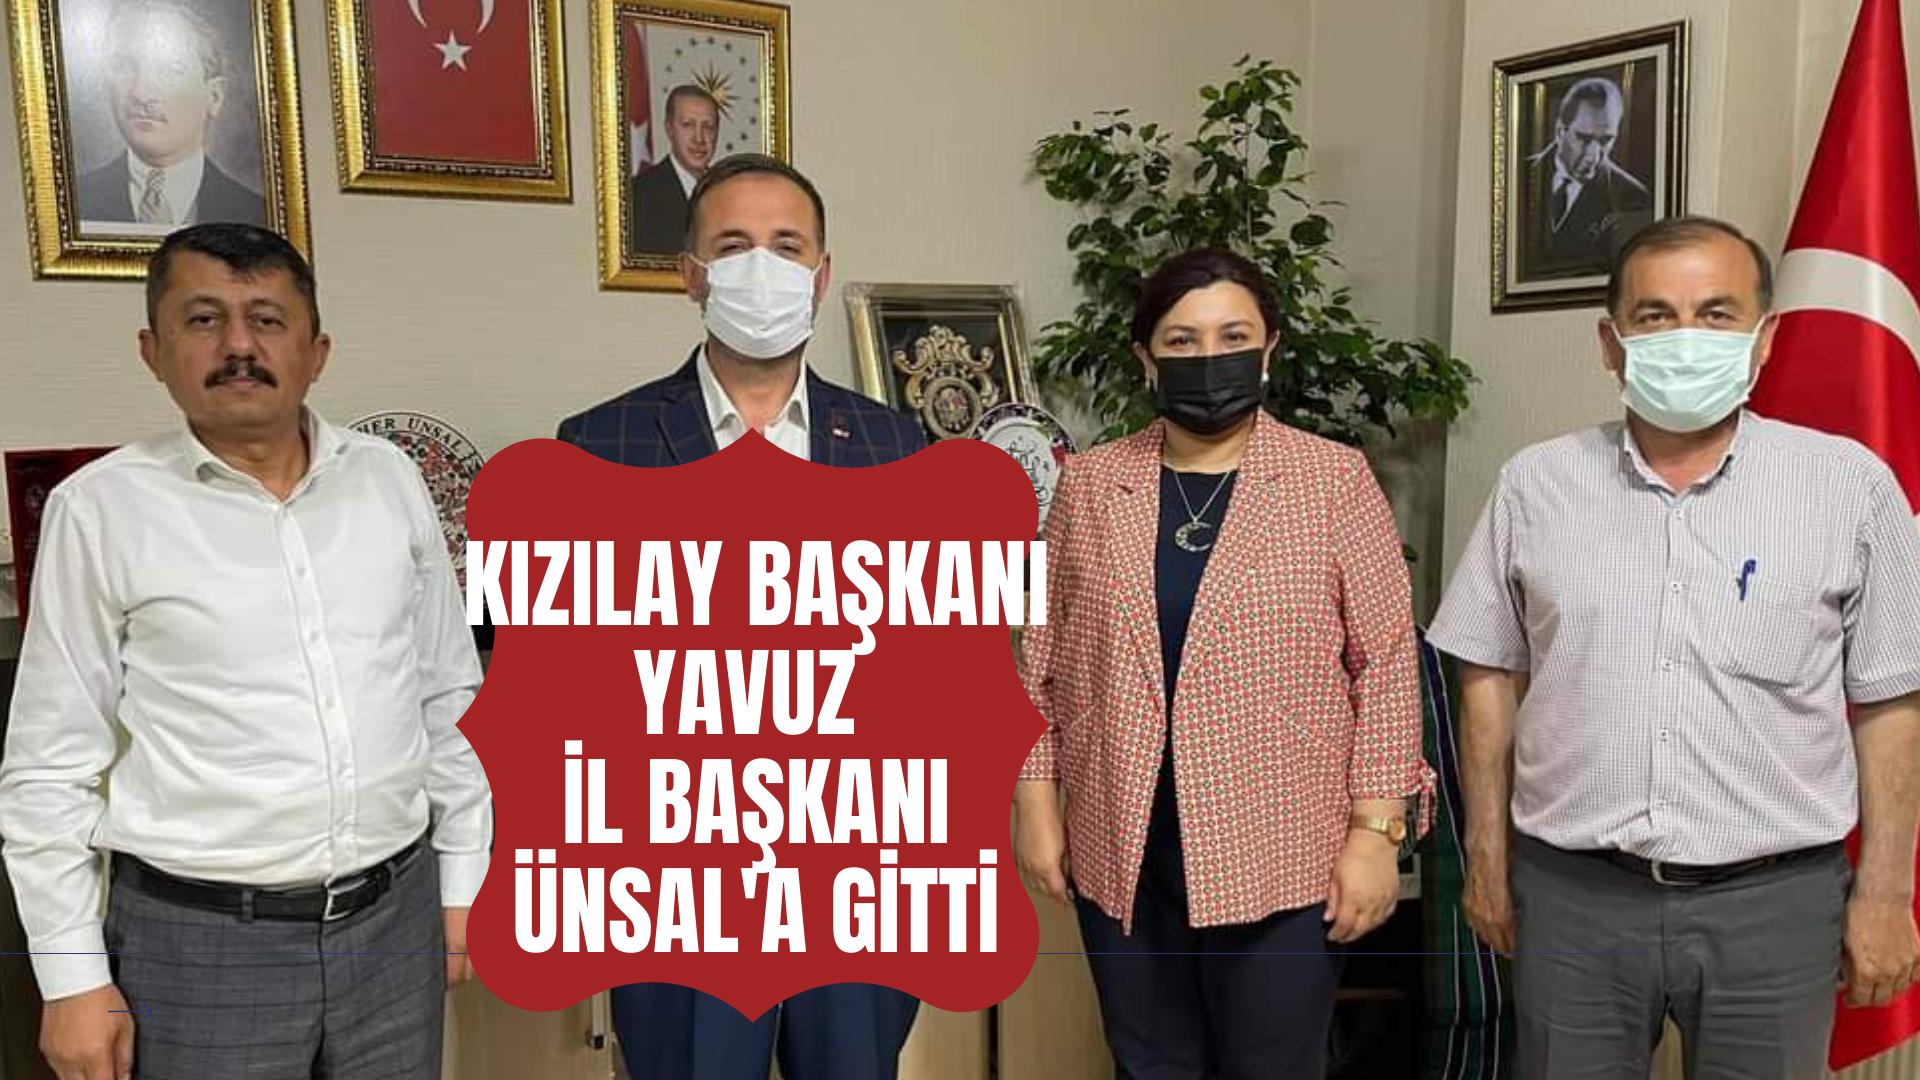 Türk Kızılay Başkanı Yavuz, İl Başkanı Ünsal'a gitti